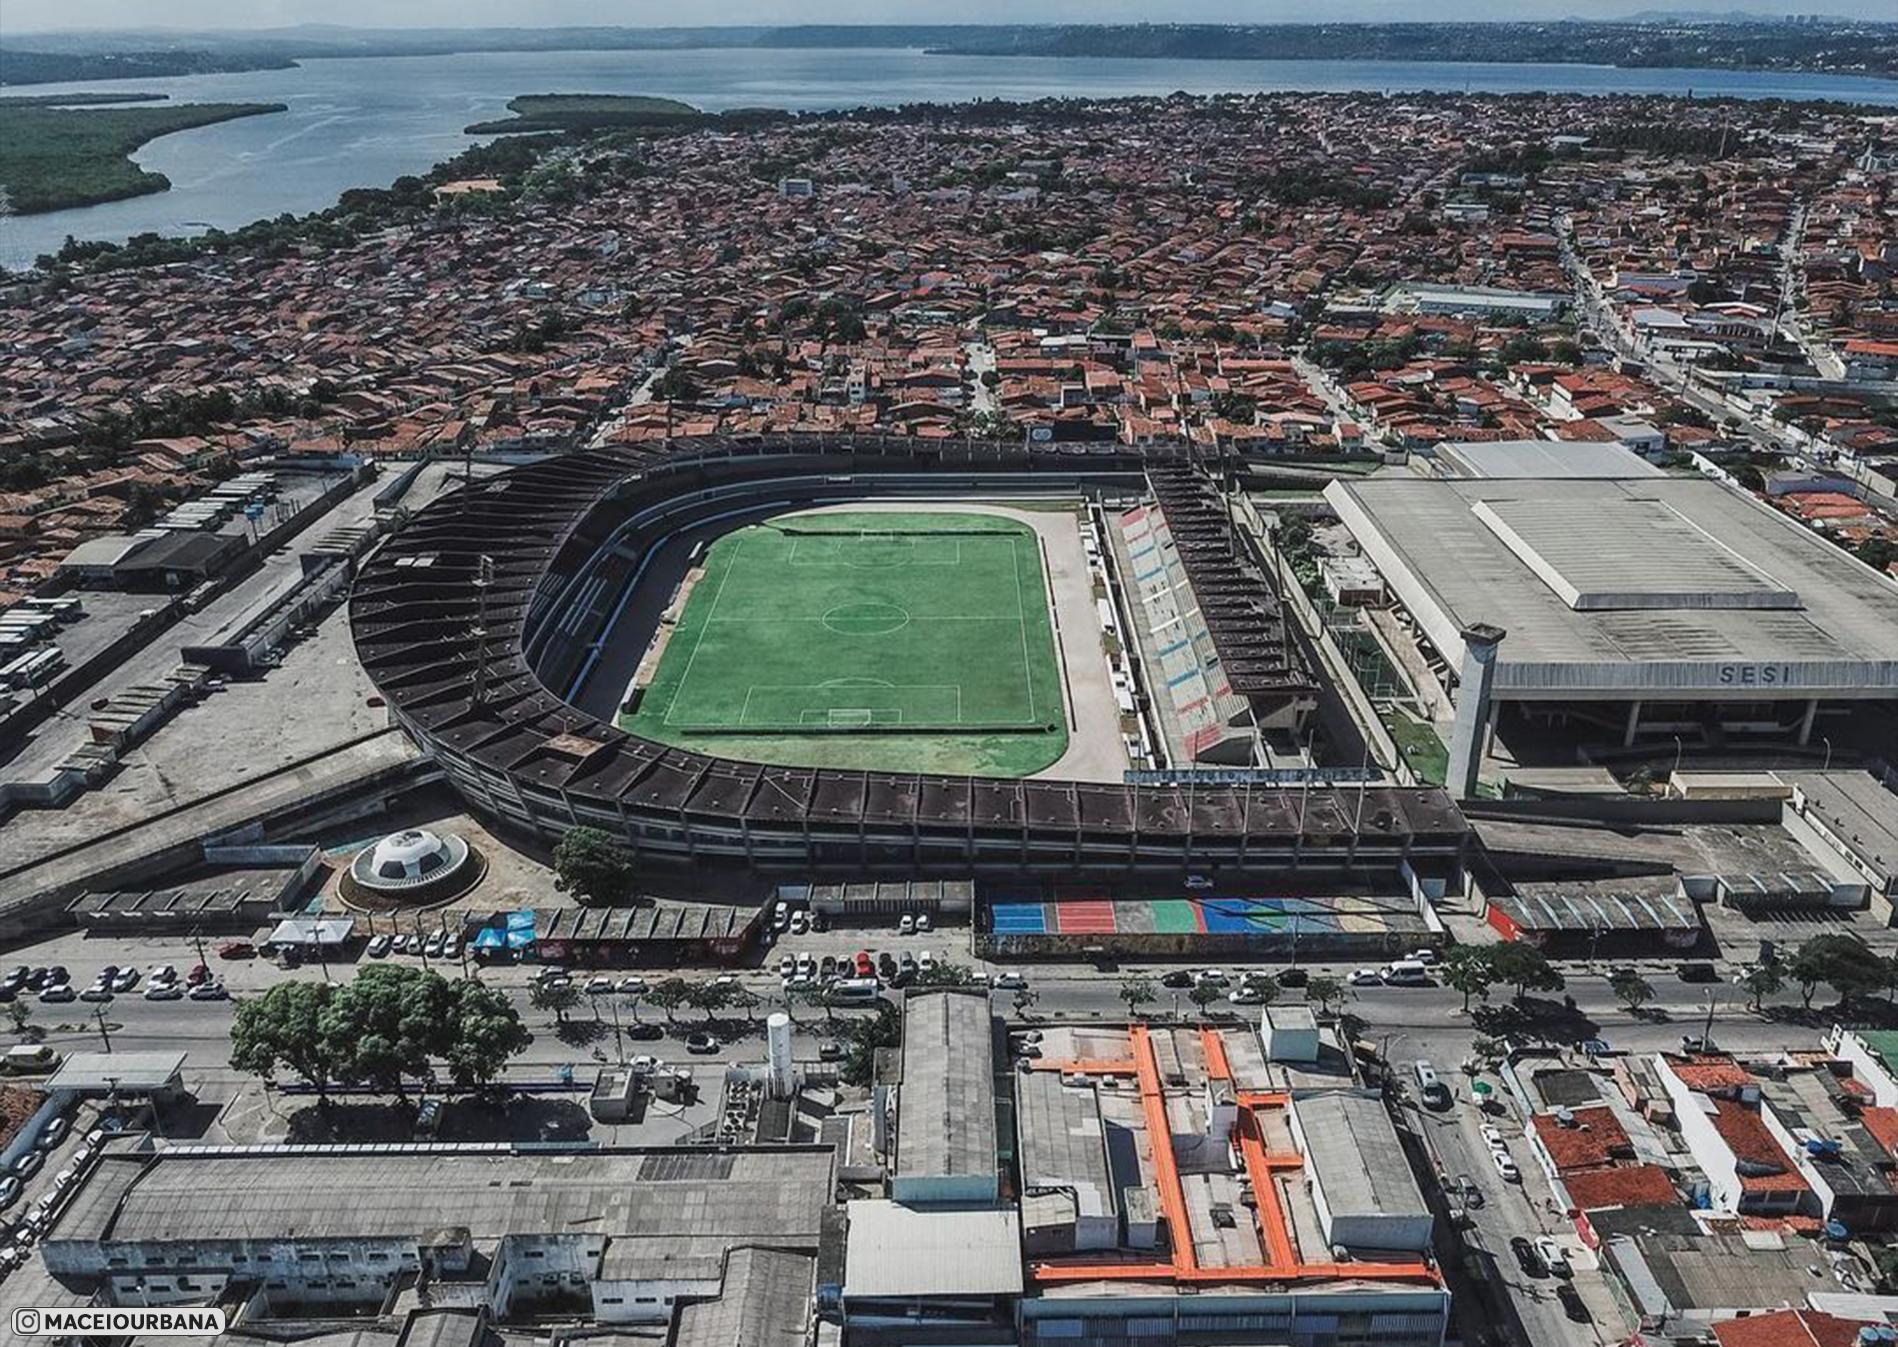 Бразильский стадион, названный в честь легендарного футболиста Пеле (Estadio Rei Pele). Показываем его с высоты